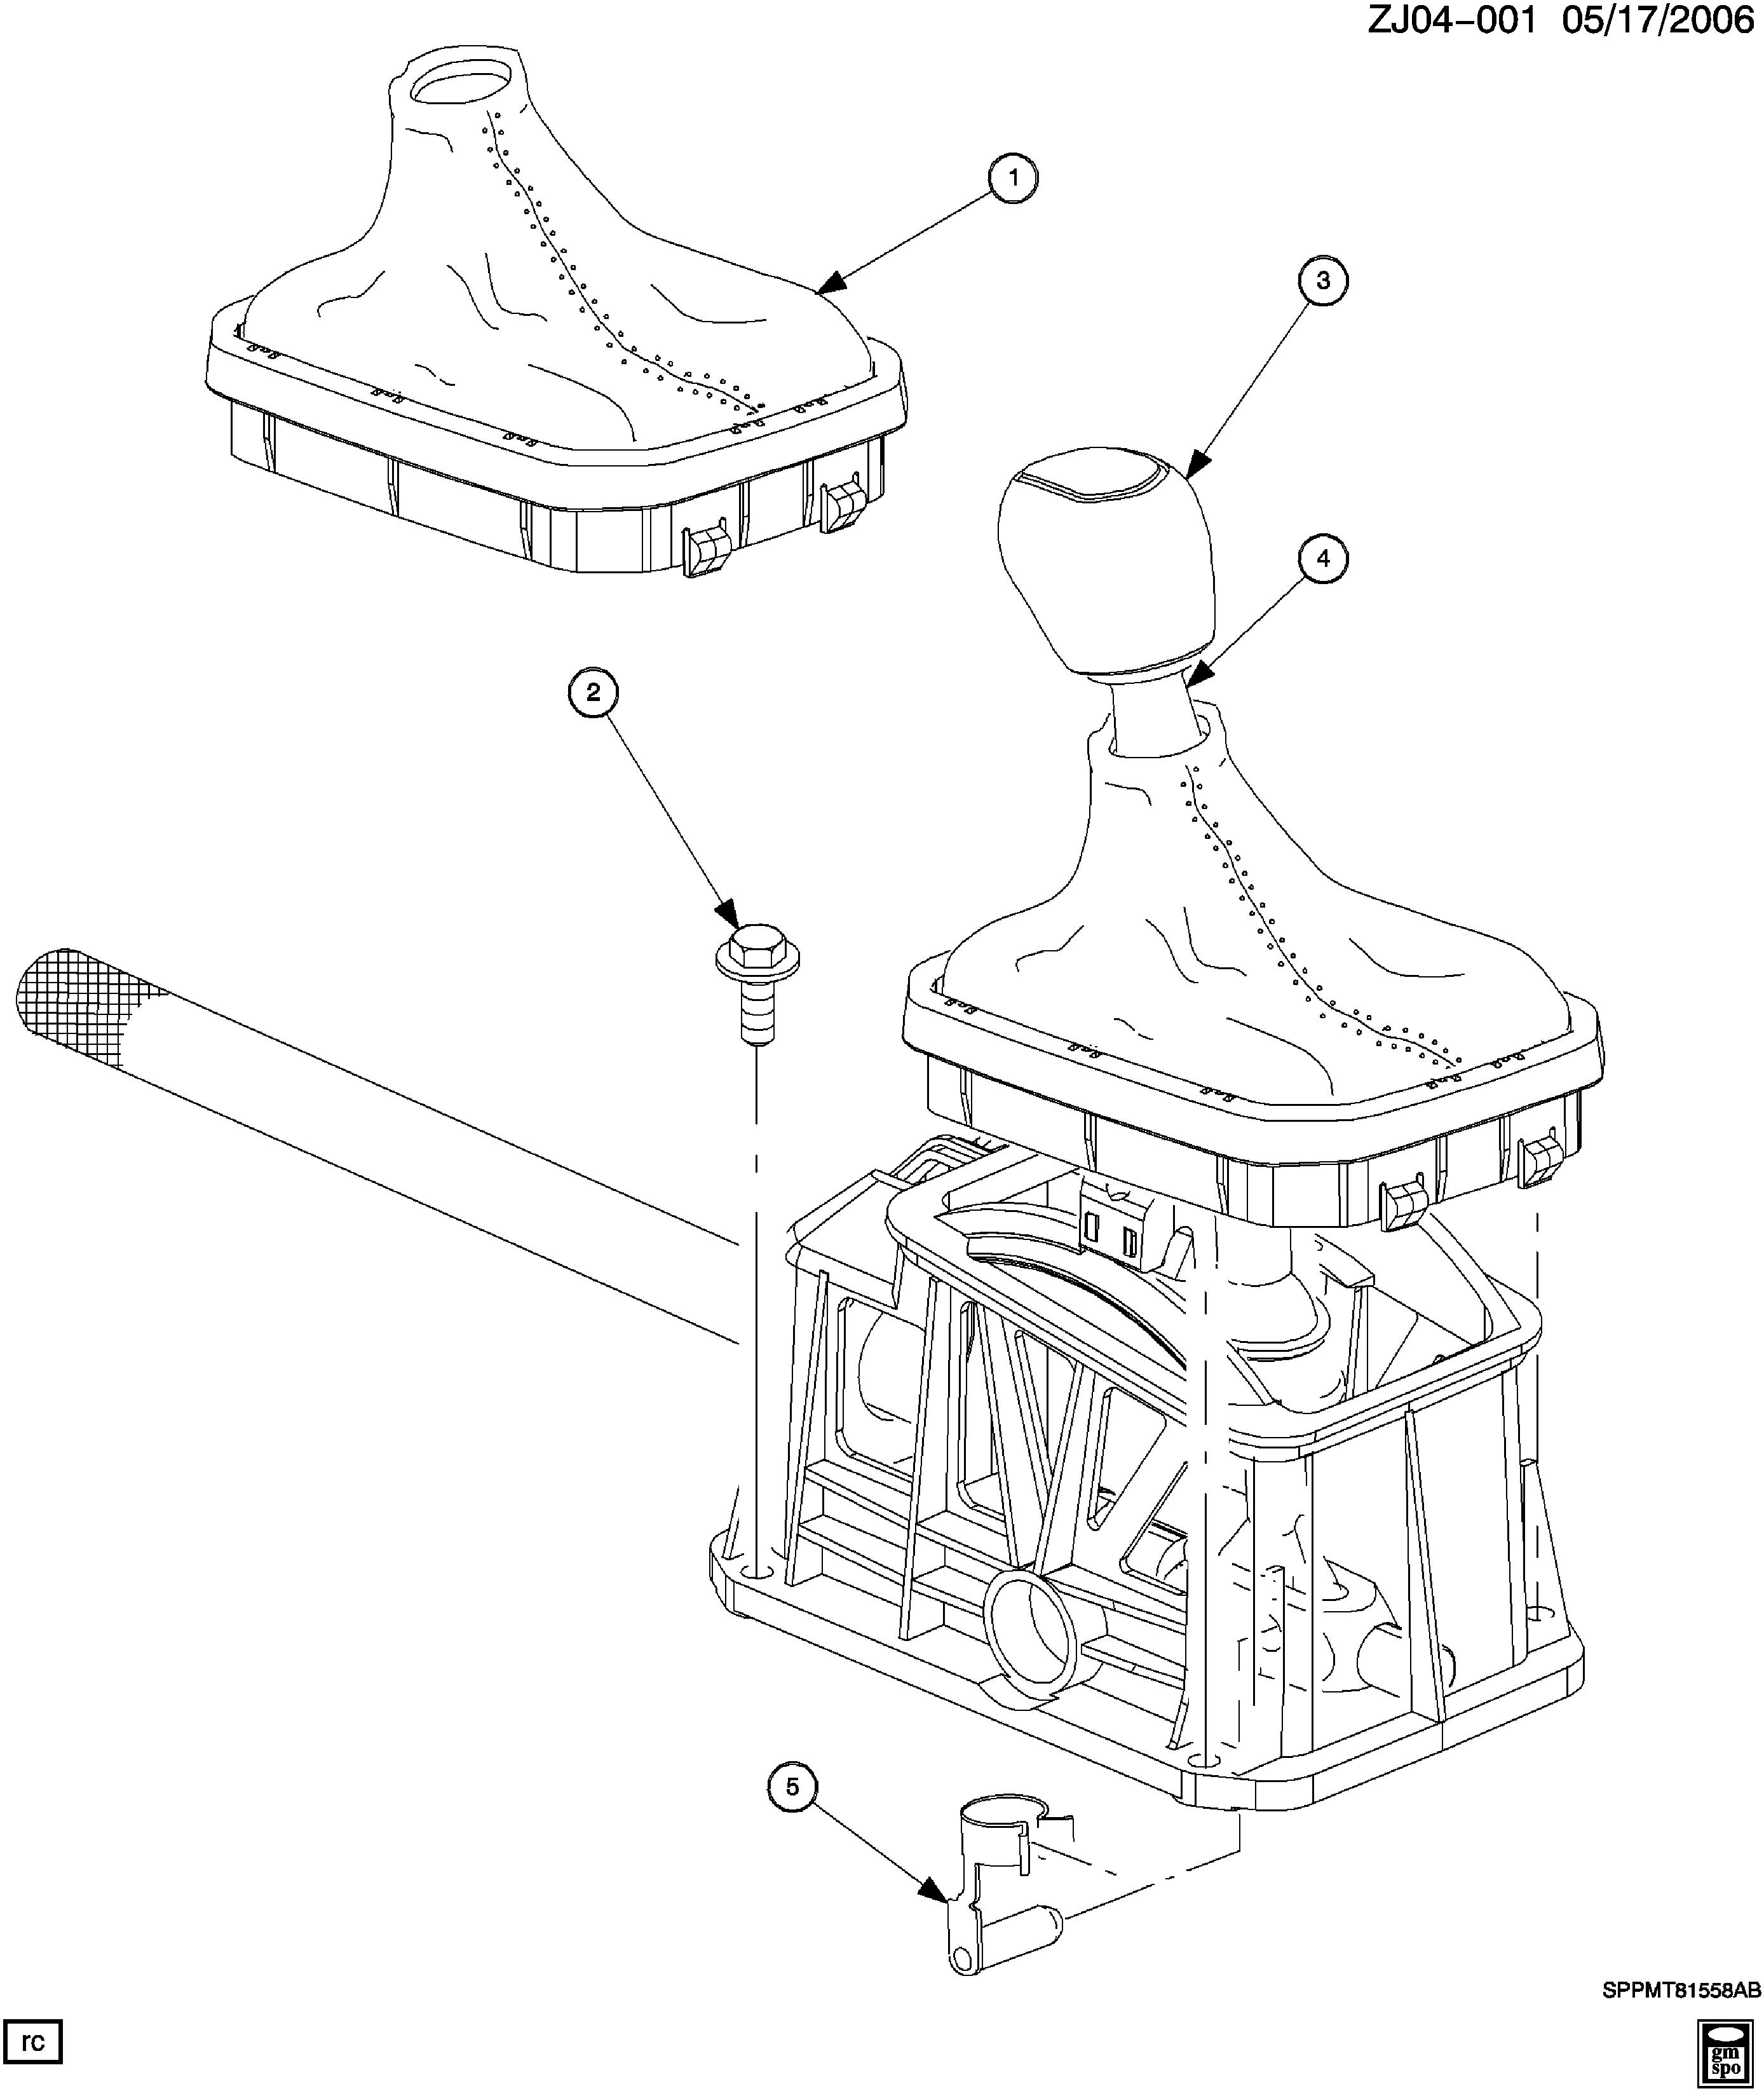 saturn transmission parts diagram saturn l series j shift controls manual transmission  mu3 m79  j shift controls manual transmission